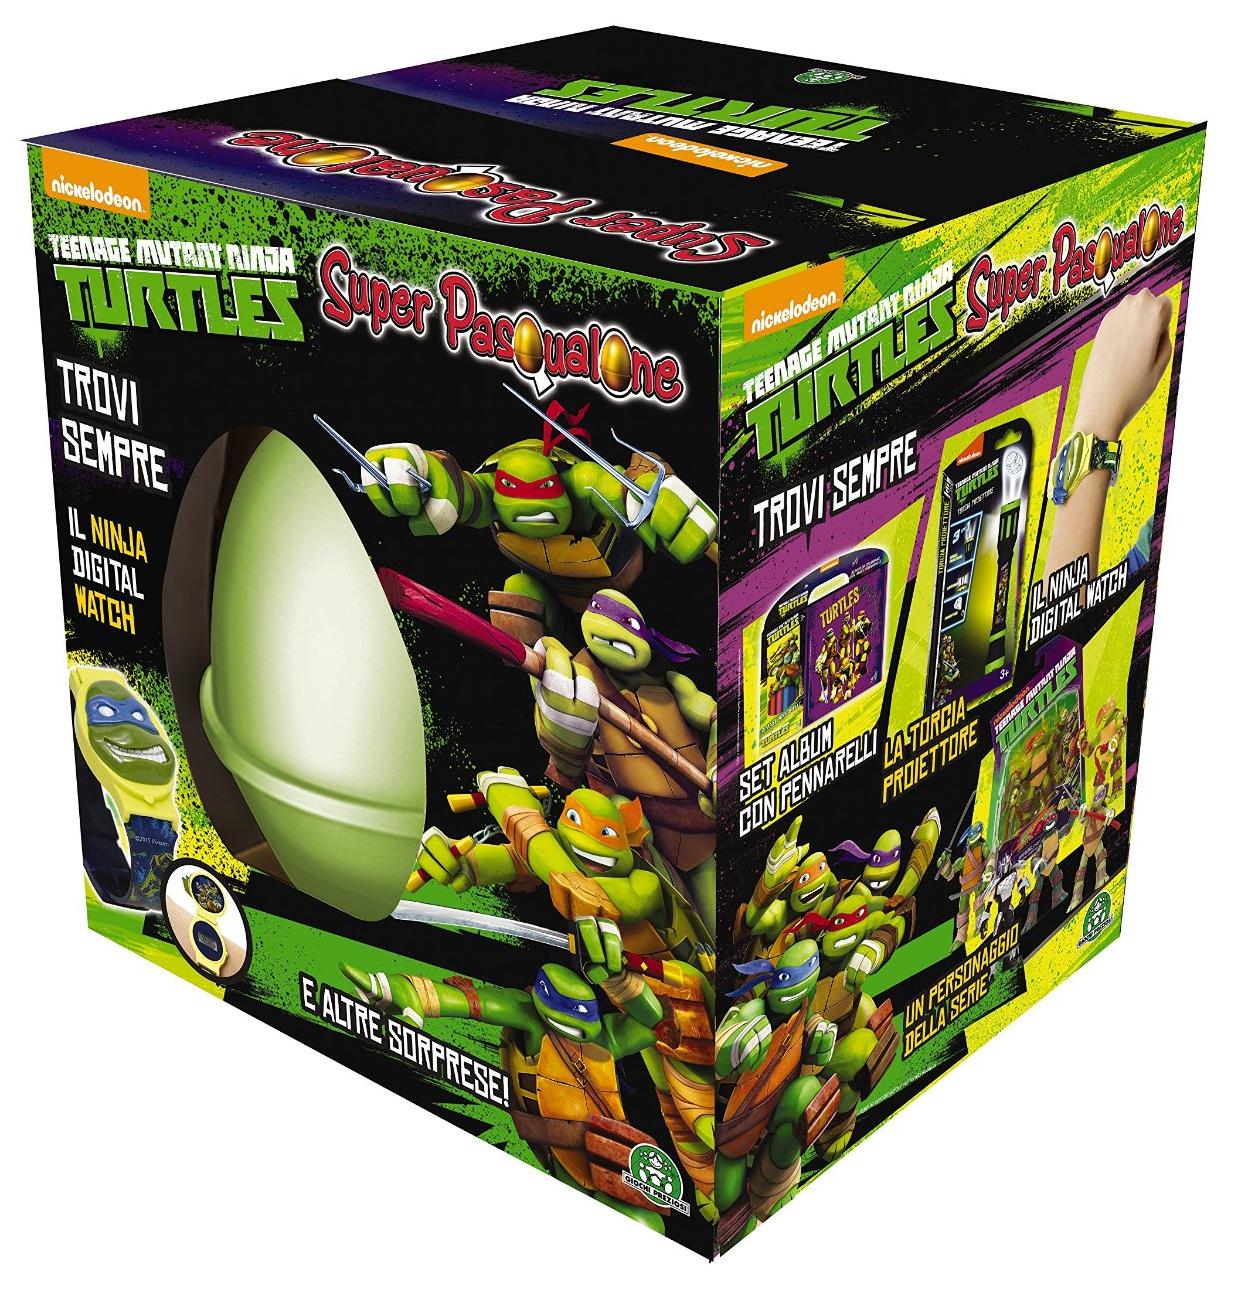 Super Pasqualone Tartarughe Ninja Turtles 2015 boy Uovo a sorpresa Giocattoli Giochi Preziosi prezzo